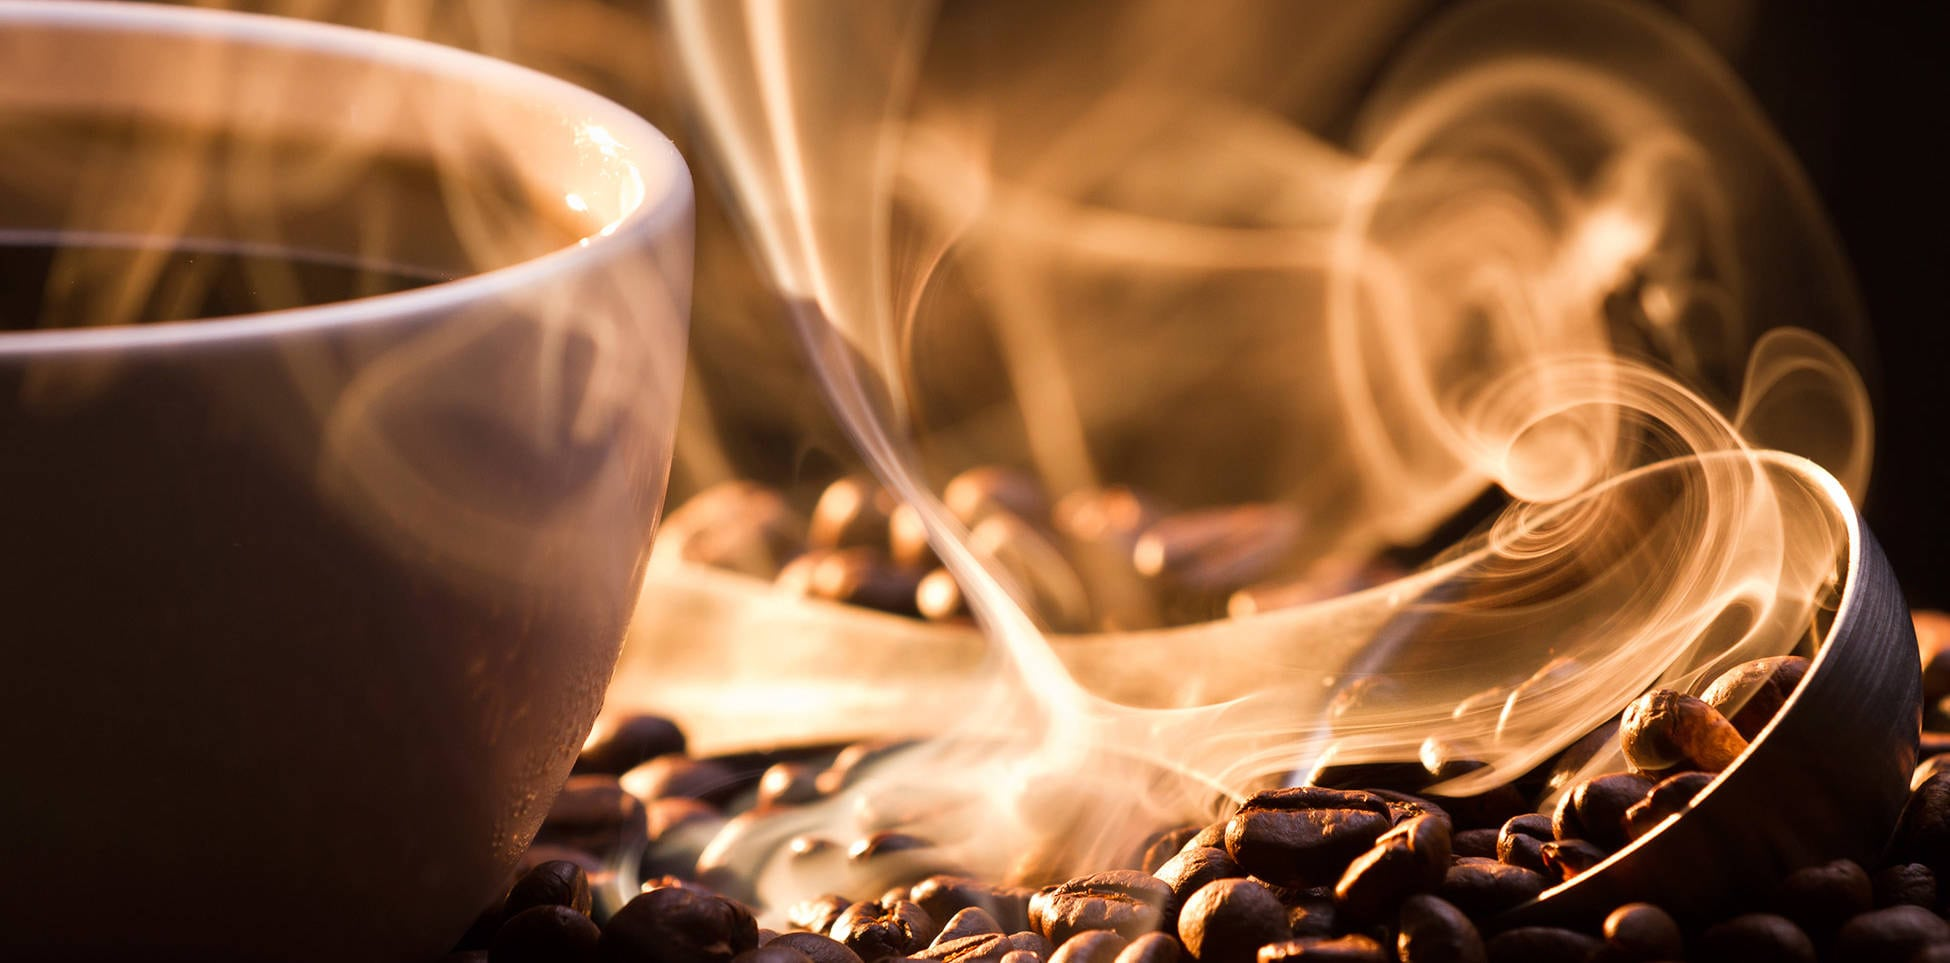 catas-de-cafe